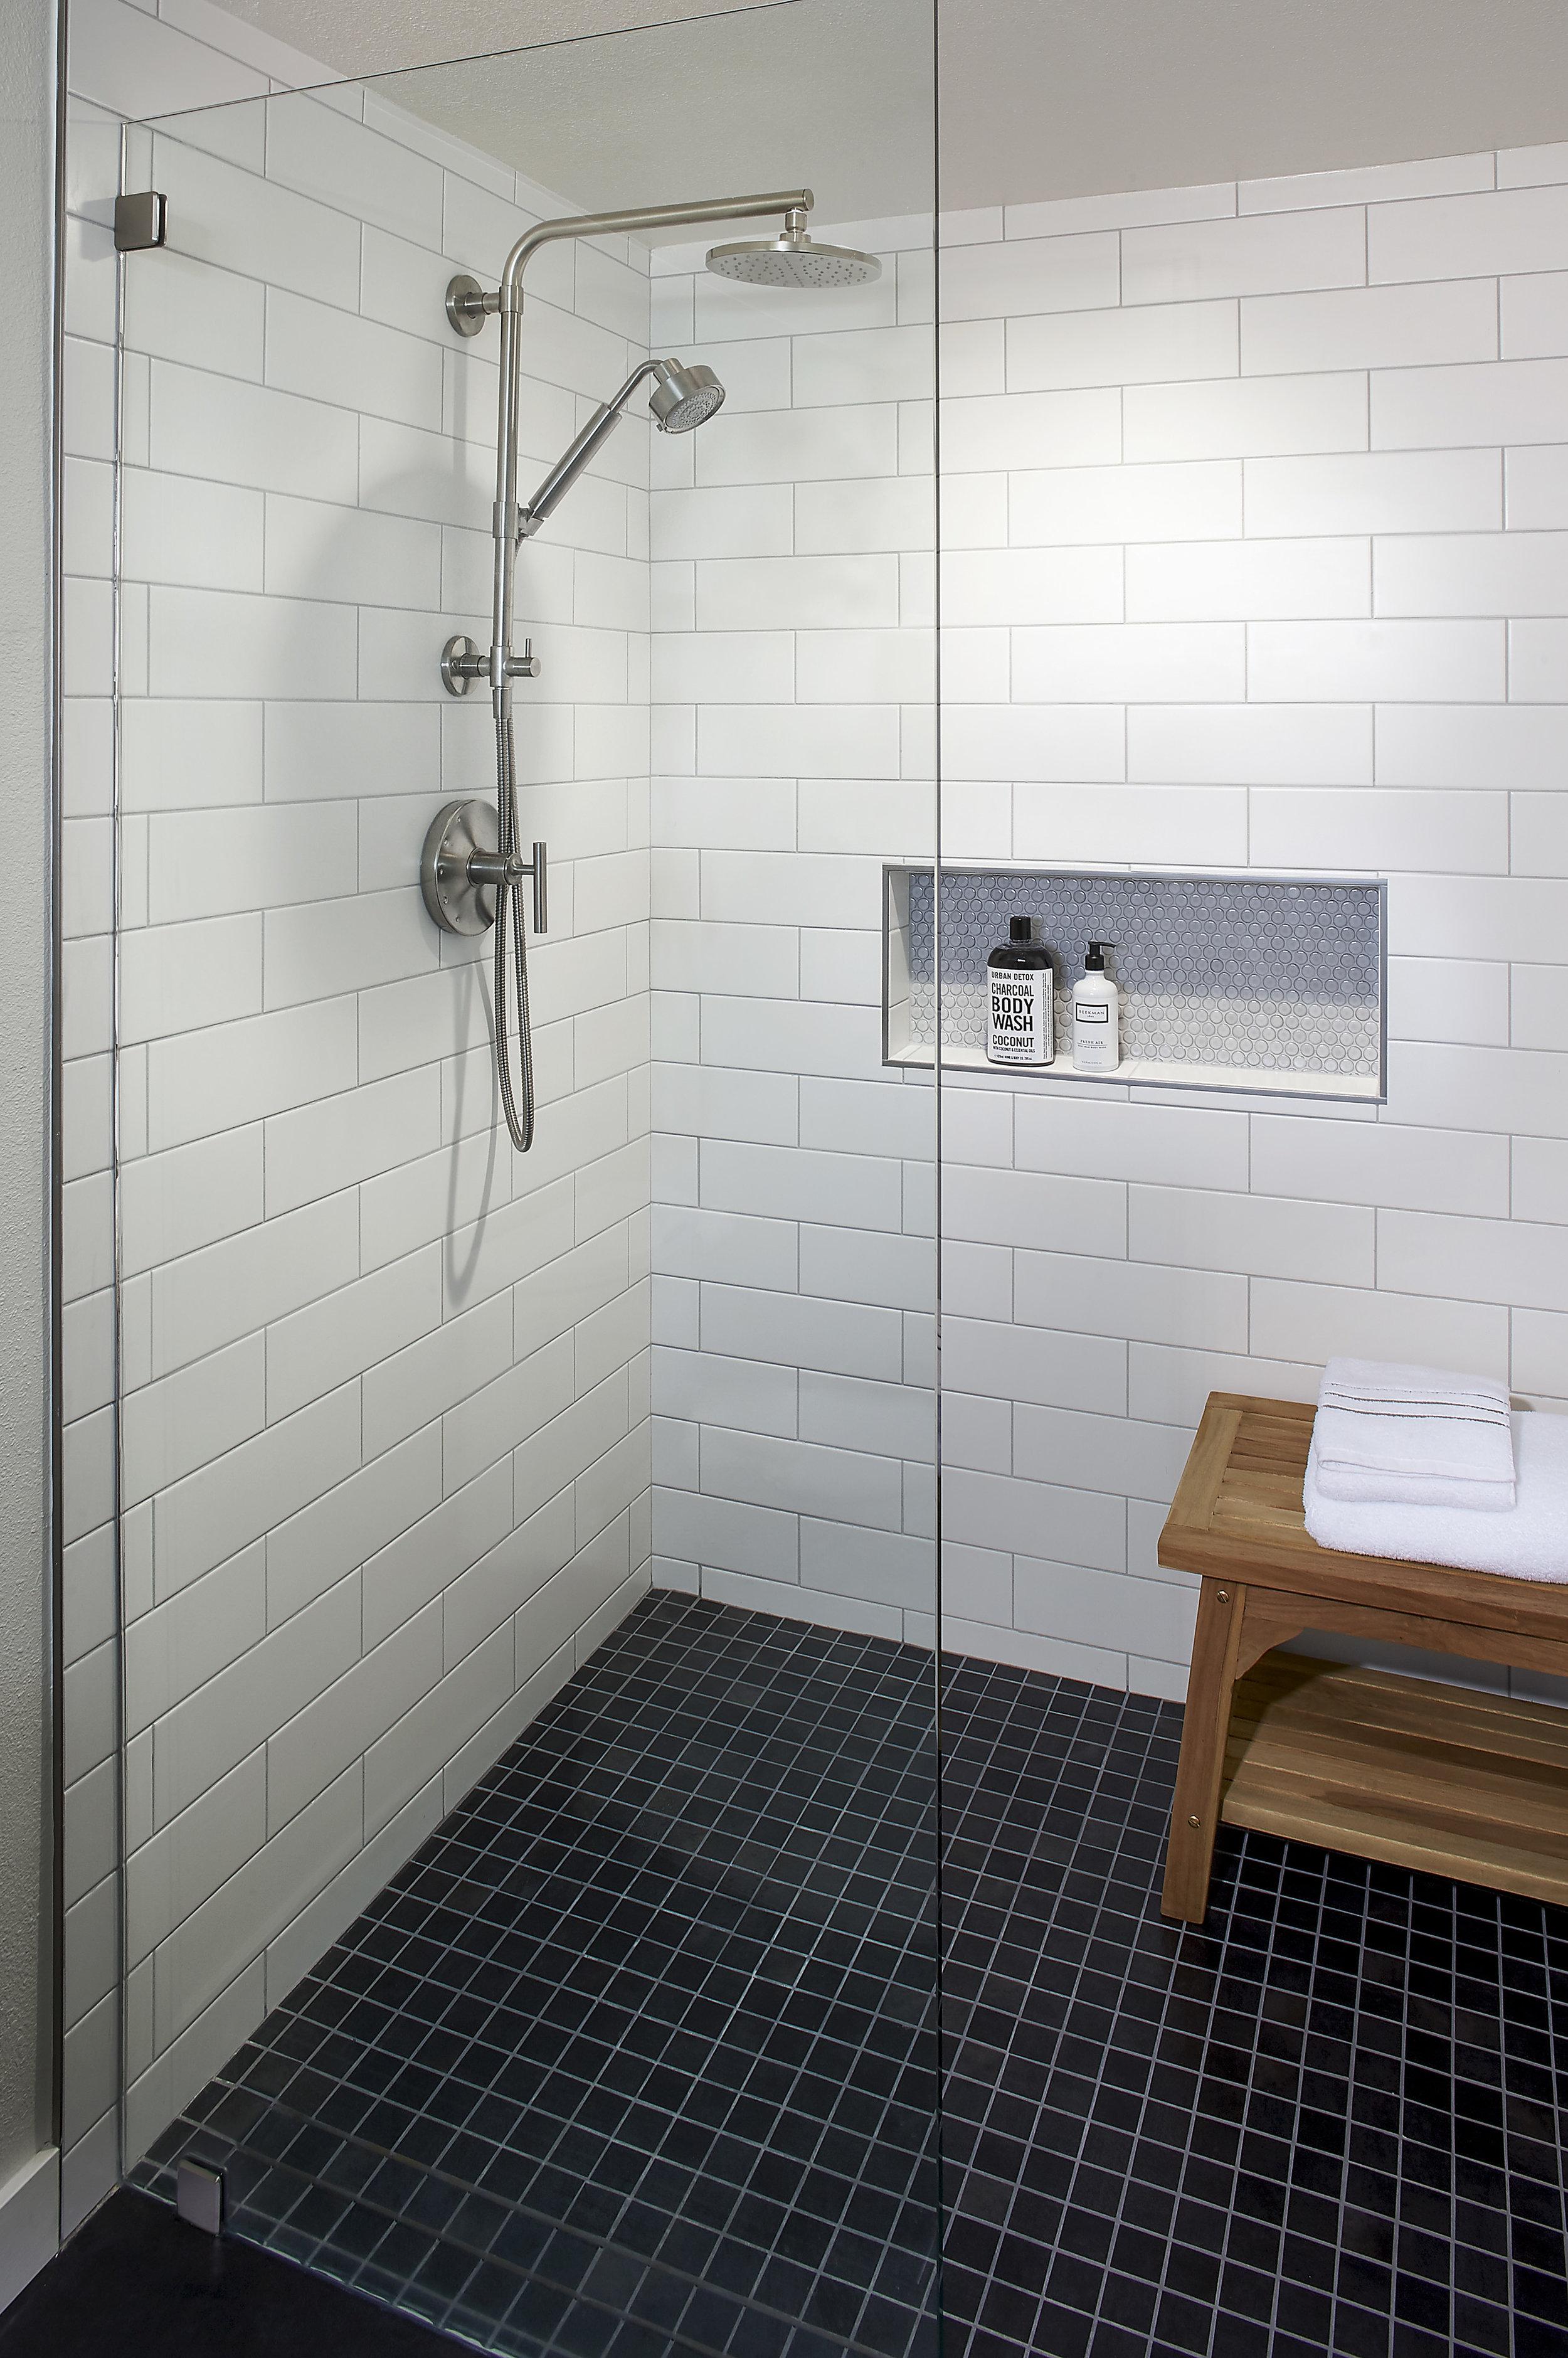 DM_BlueMount Bathroom_3xF.jpg